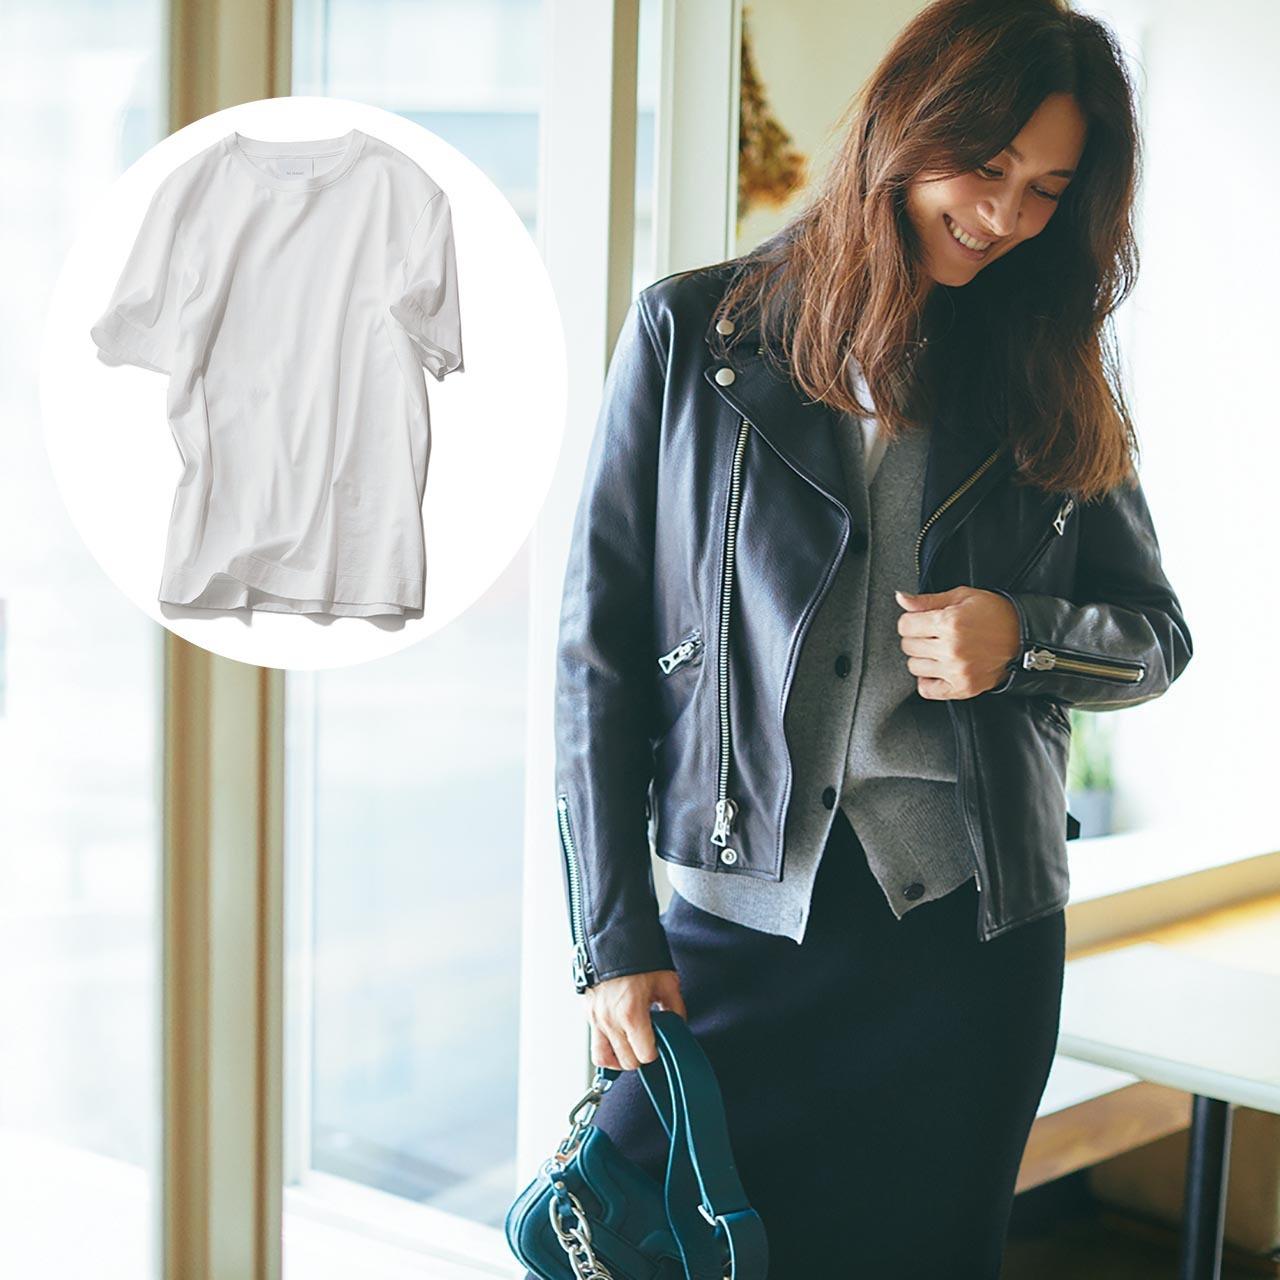 ライダースジャケット×Tシャツコーデを着たモデルのブレンダさん